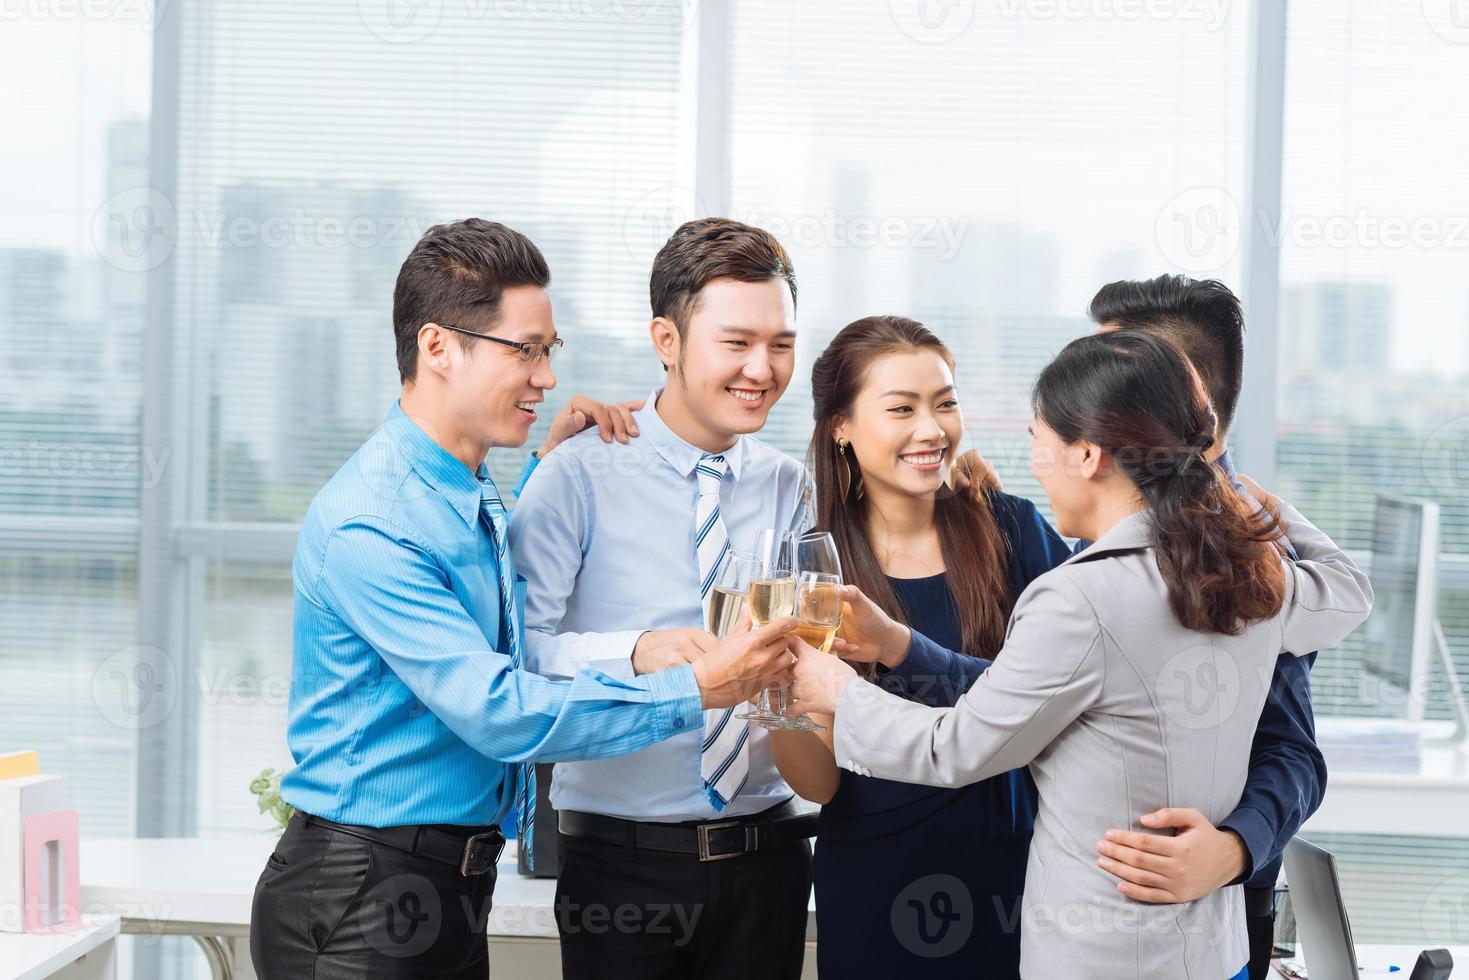 brindando pessoas de negócios foto